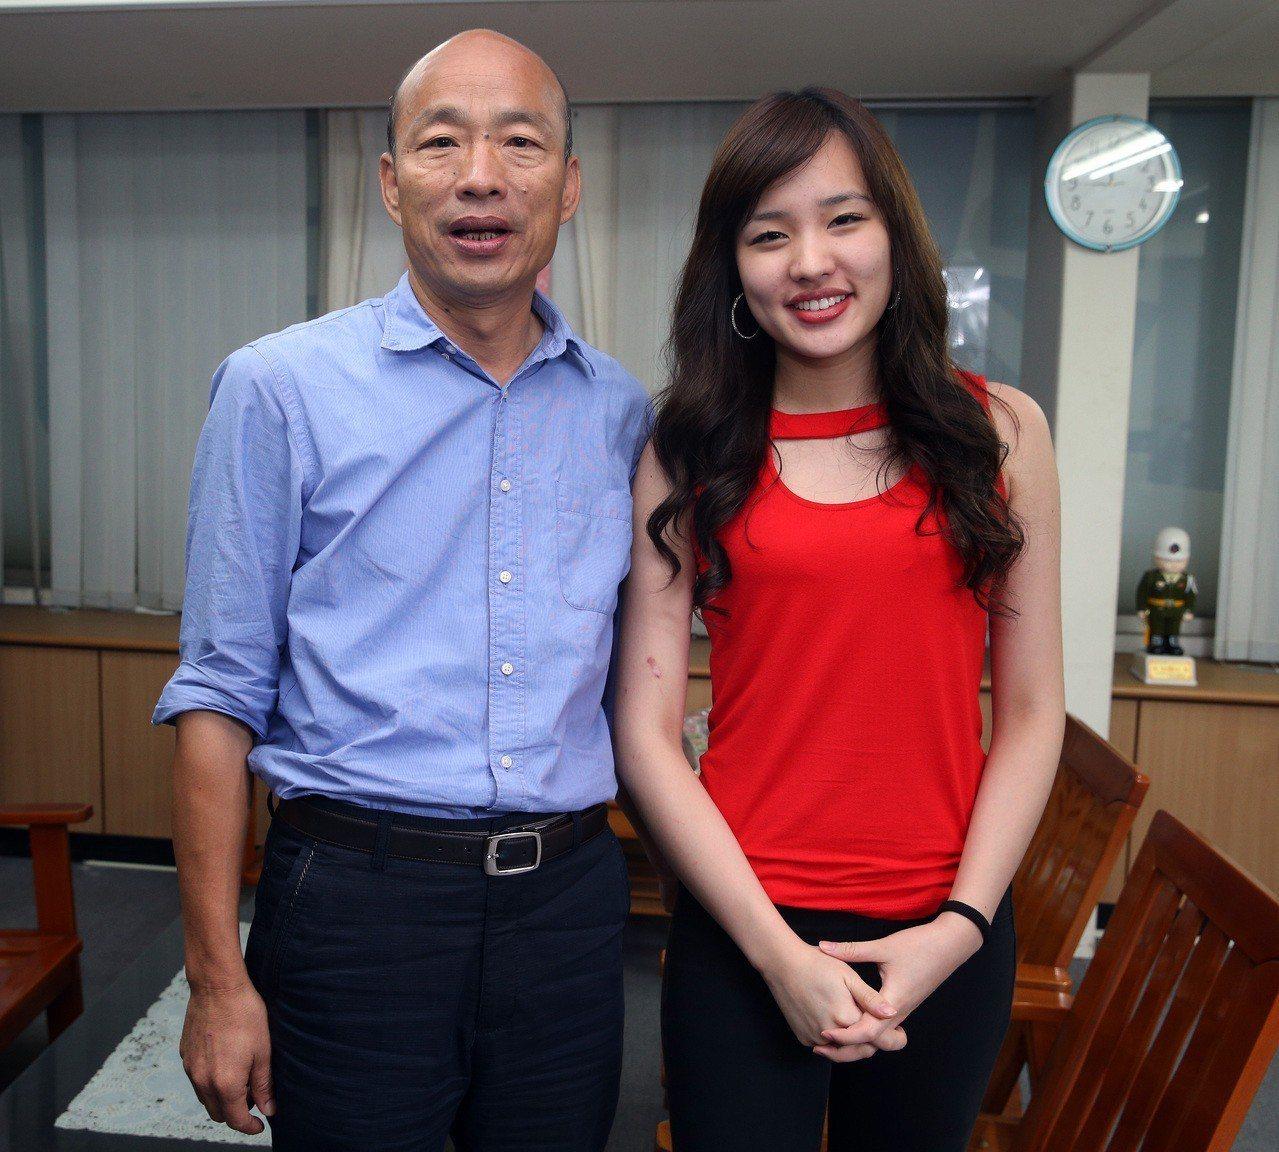 高雄市長韓國瑜(左)女兒韓冰,網路人氣不輸韓國瑜。本報資料照片